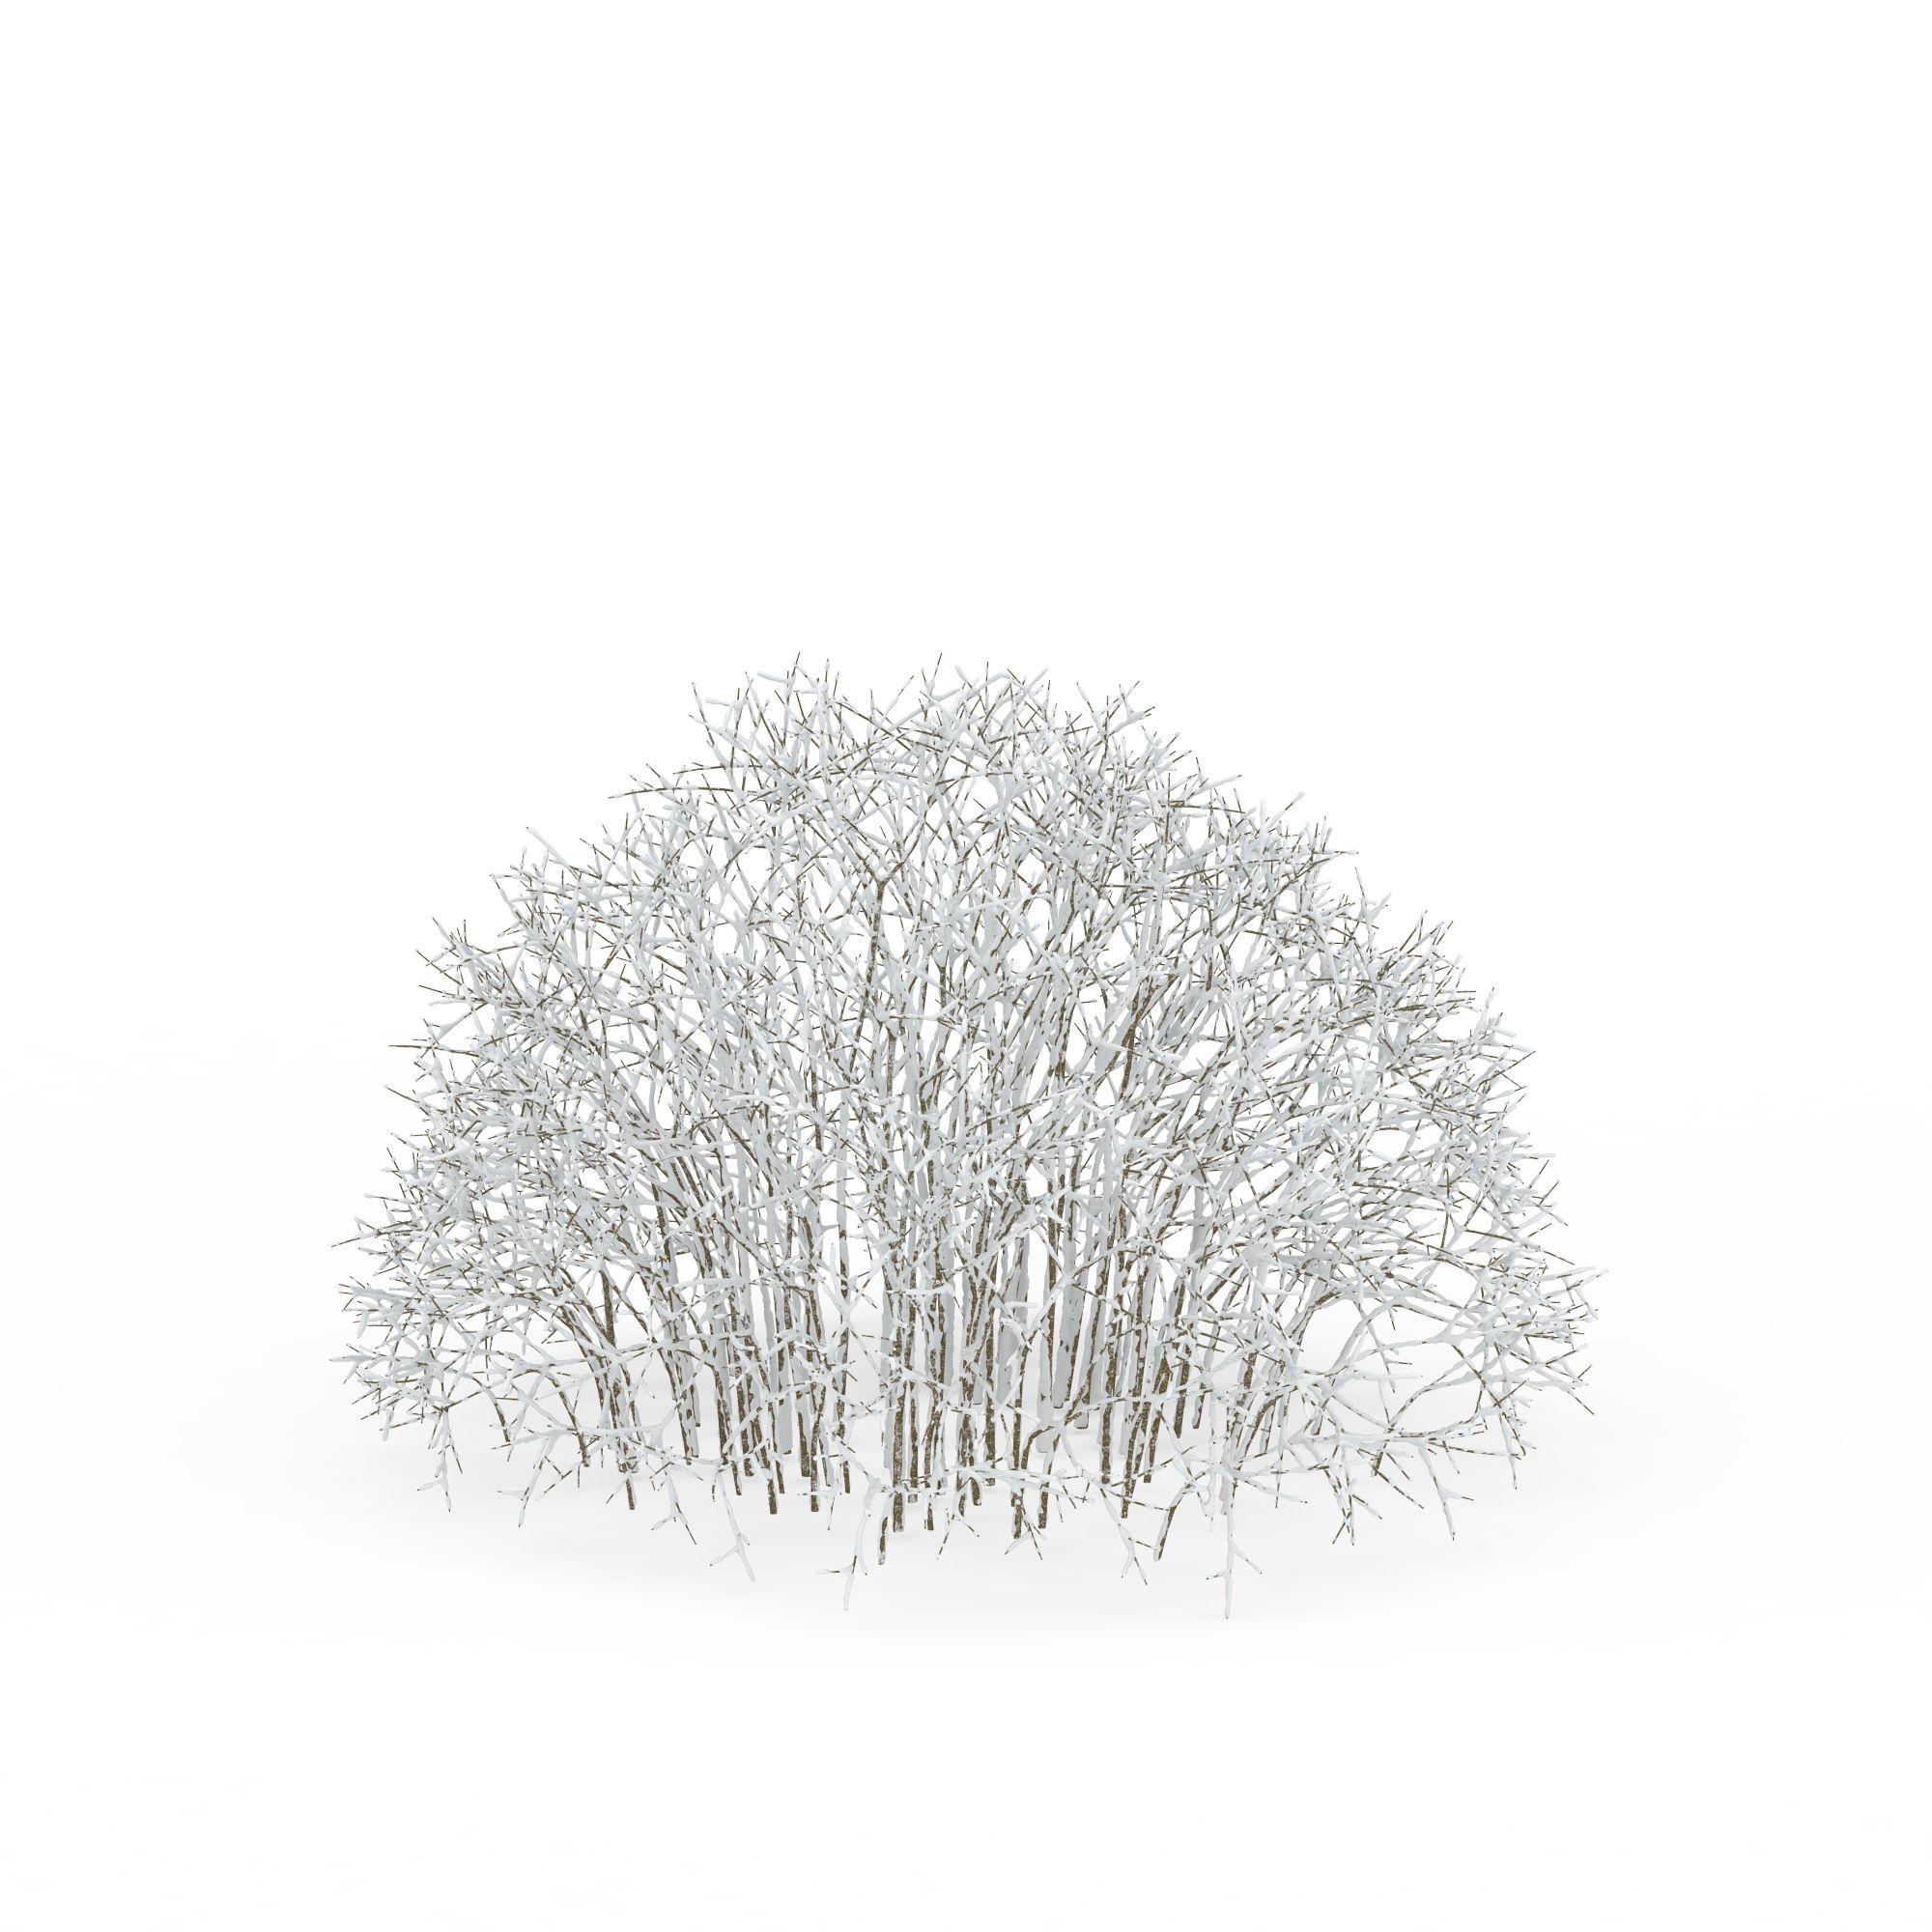 雪��/~���x+�x�&�7:d��_一片挂雪树木高清图下载